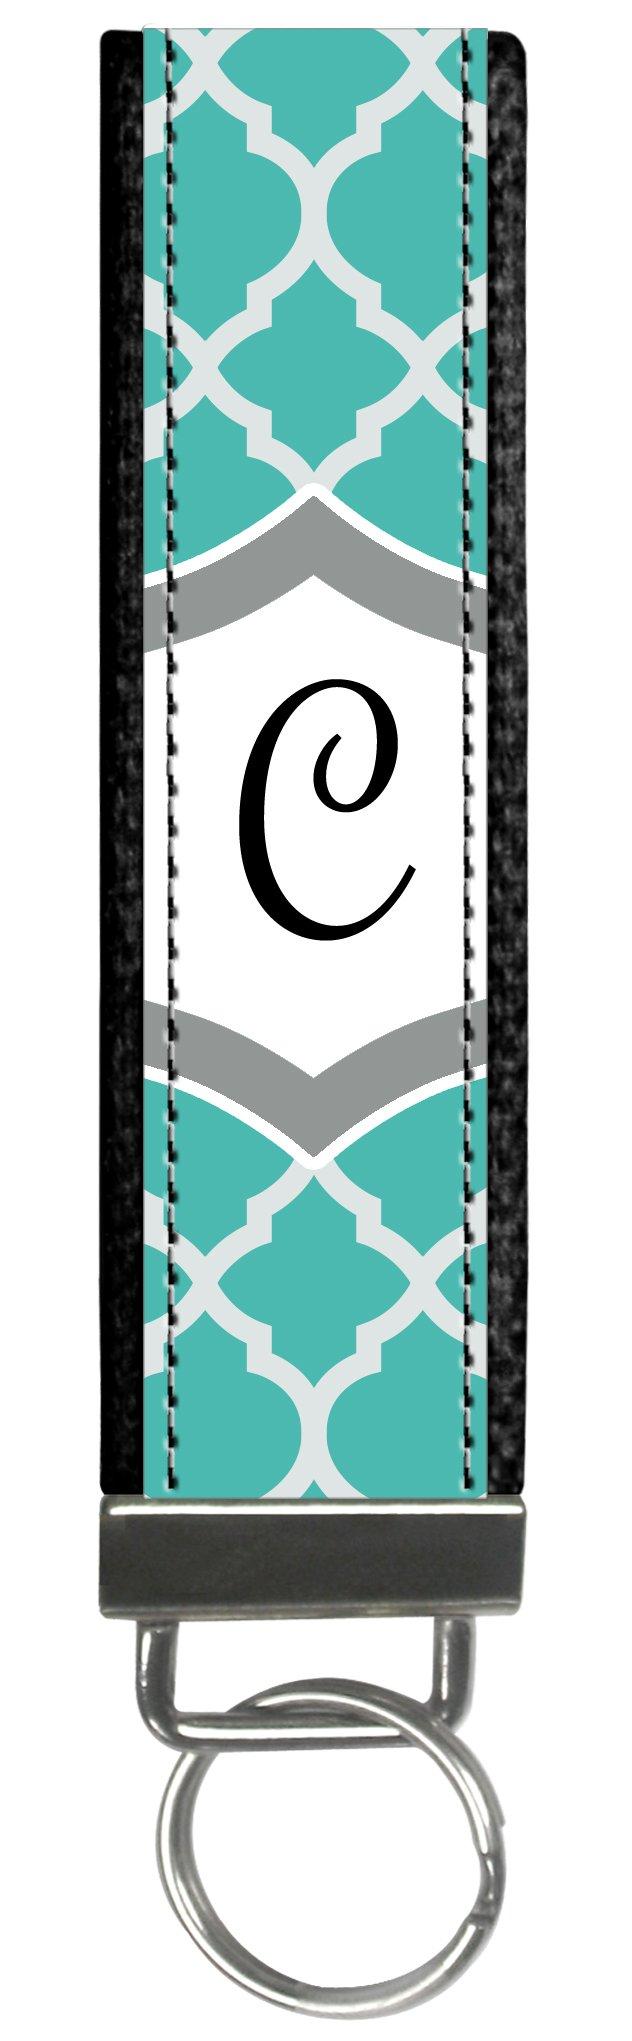 Snaptotes Teal Moroccan Design Monogram Wristlet Keyfob Keychain,Letter C